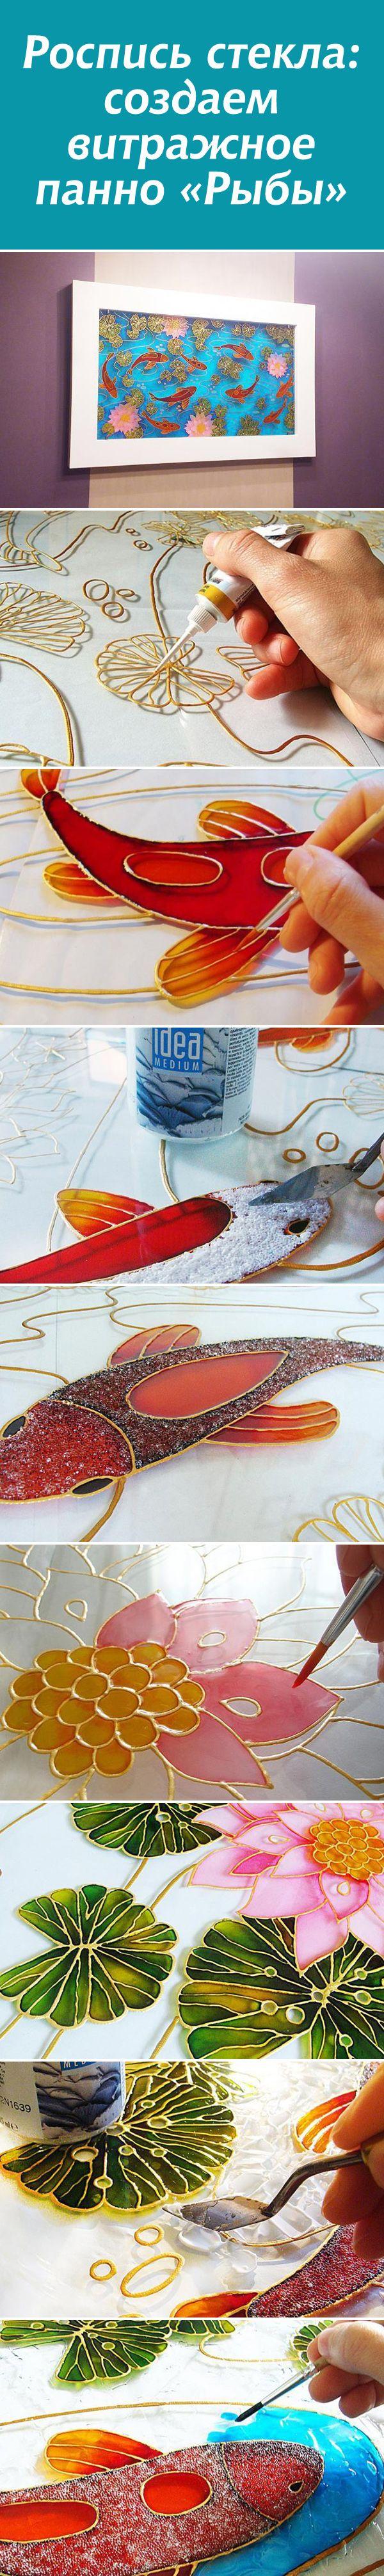 """Роспись стекла: создаем витражное панно """"Рыбы"""" #painting #diy #tutorial #fish"""